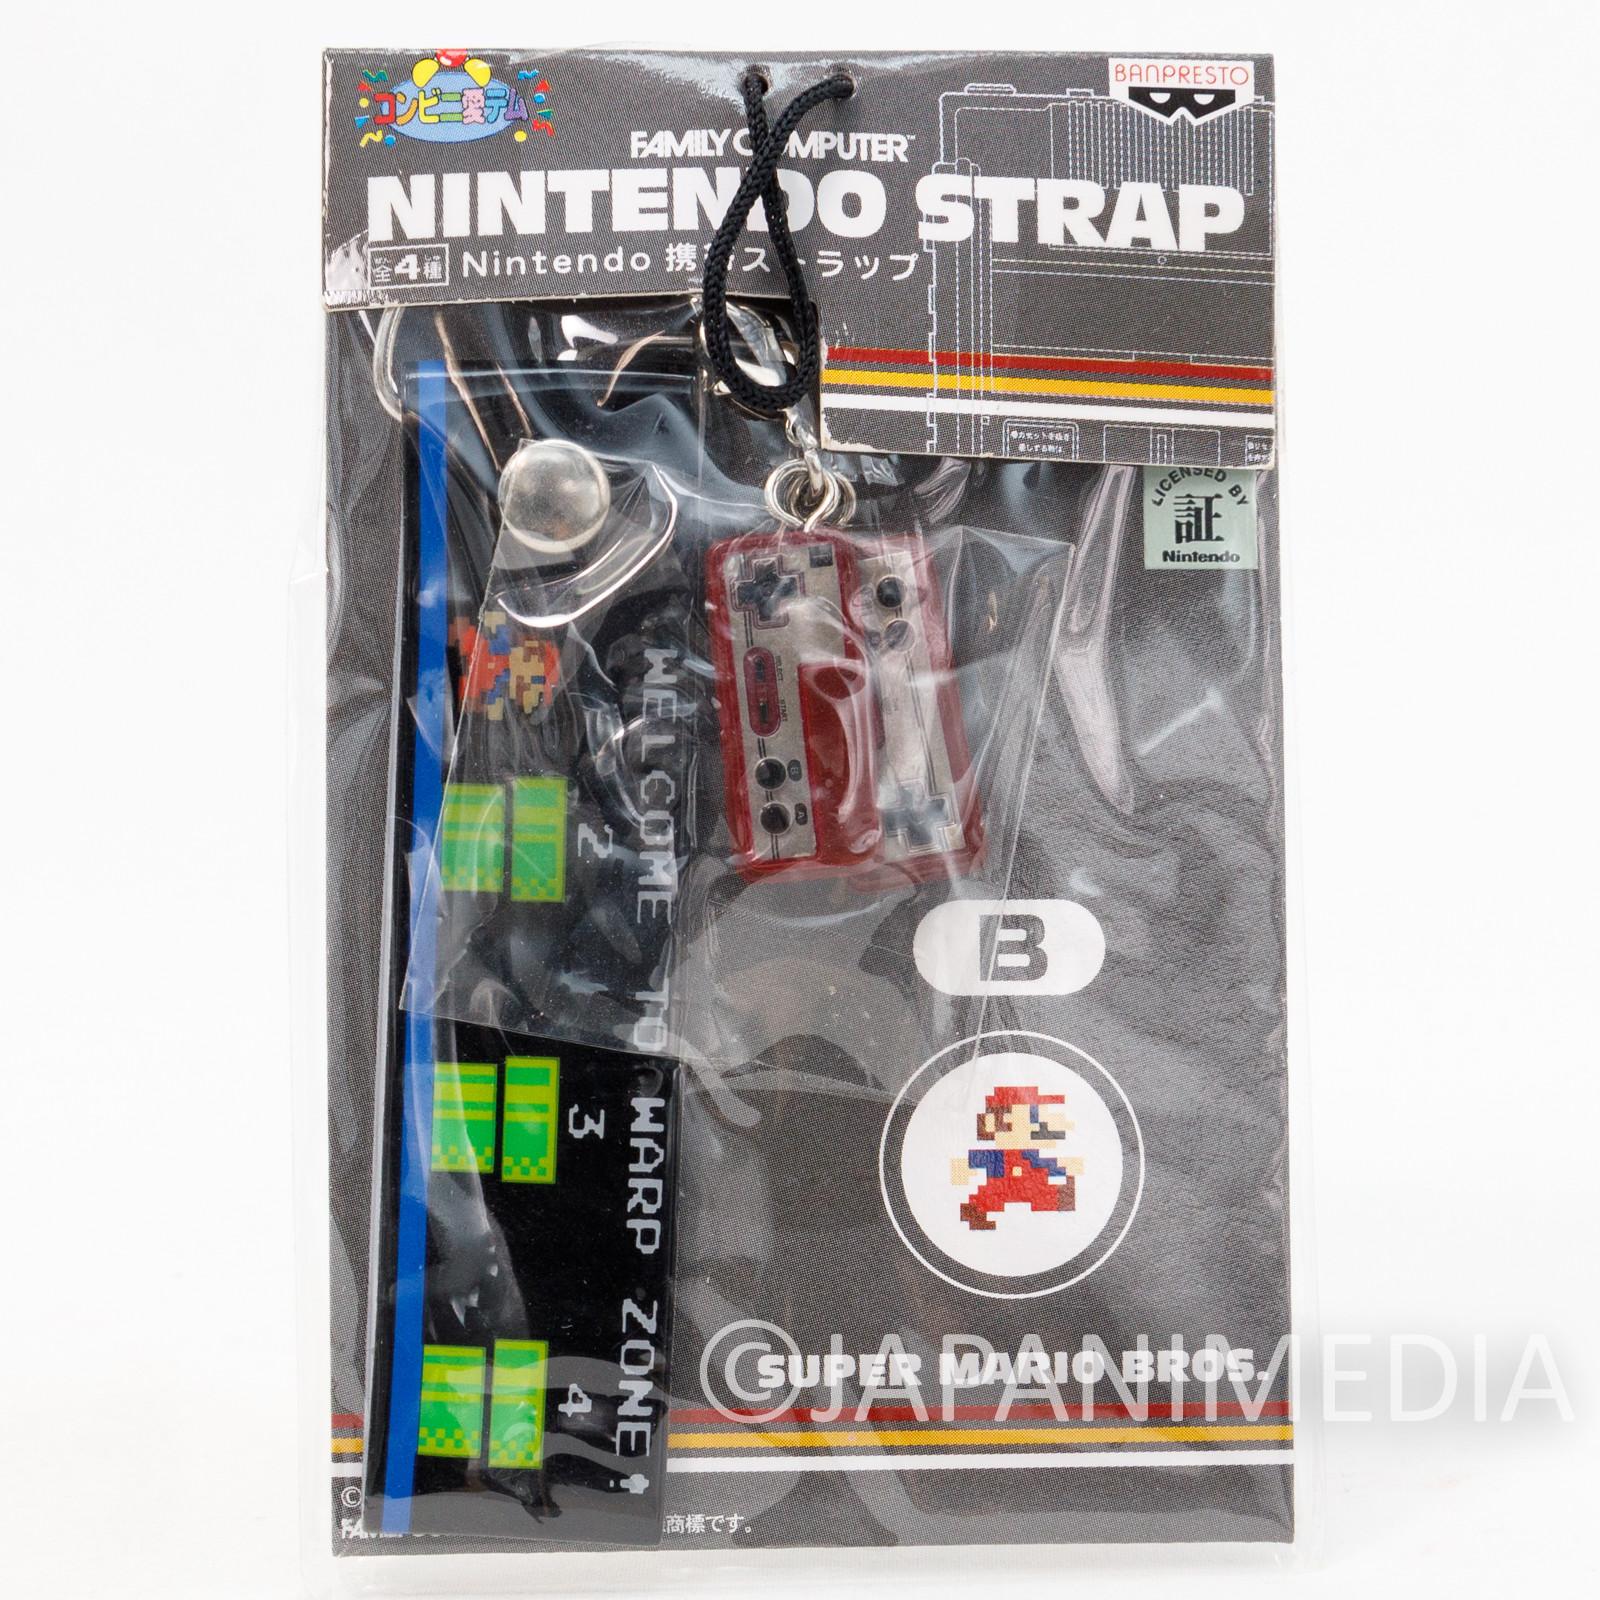 Nintendo Famicom Miniature Figure Strap Super Mario Bros. Ver. JAPAN GAME NES 2